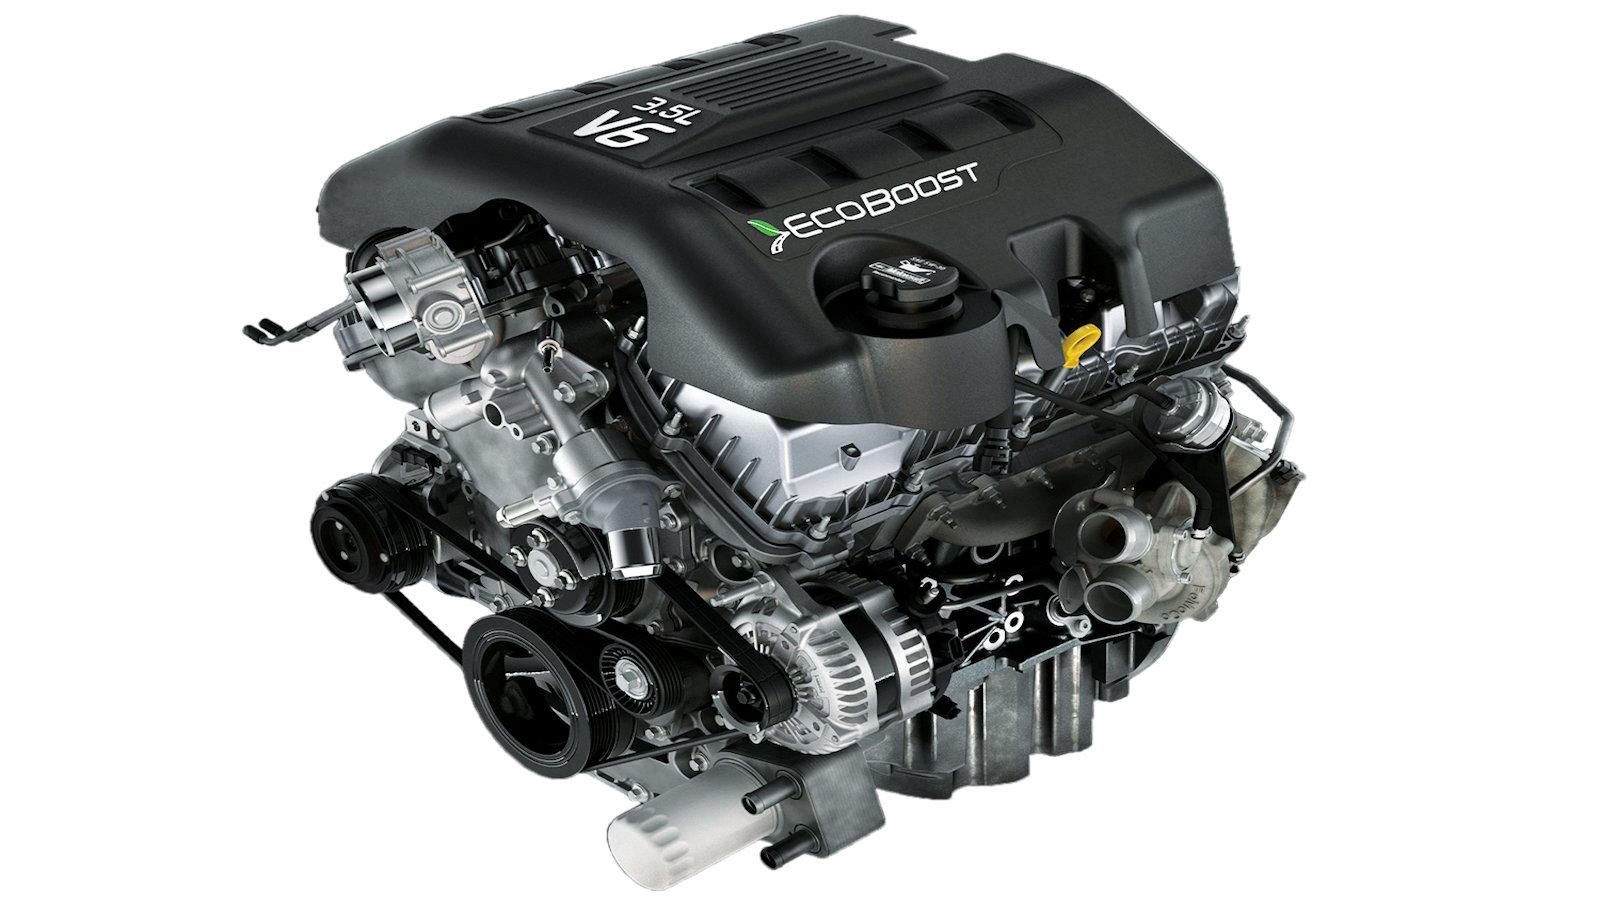 Gas or Diesel? Turbo?